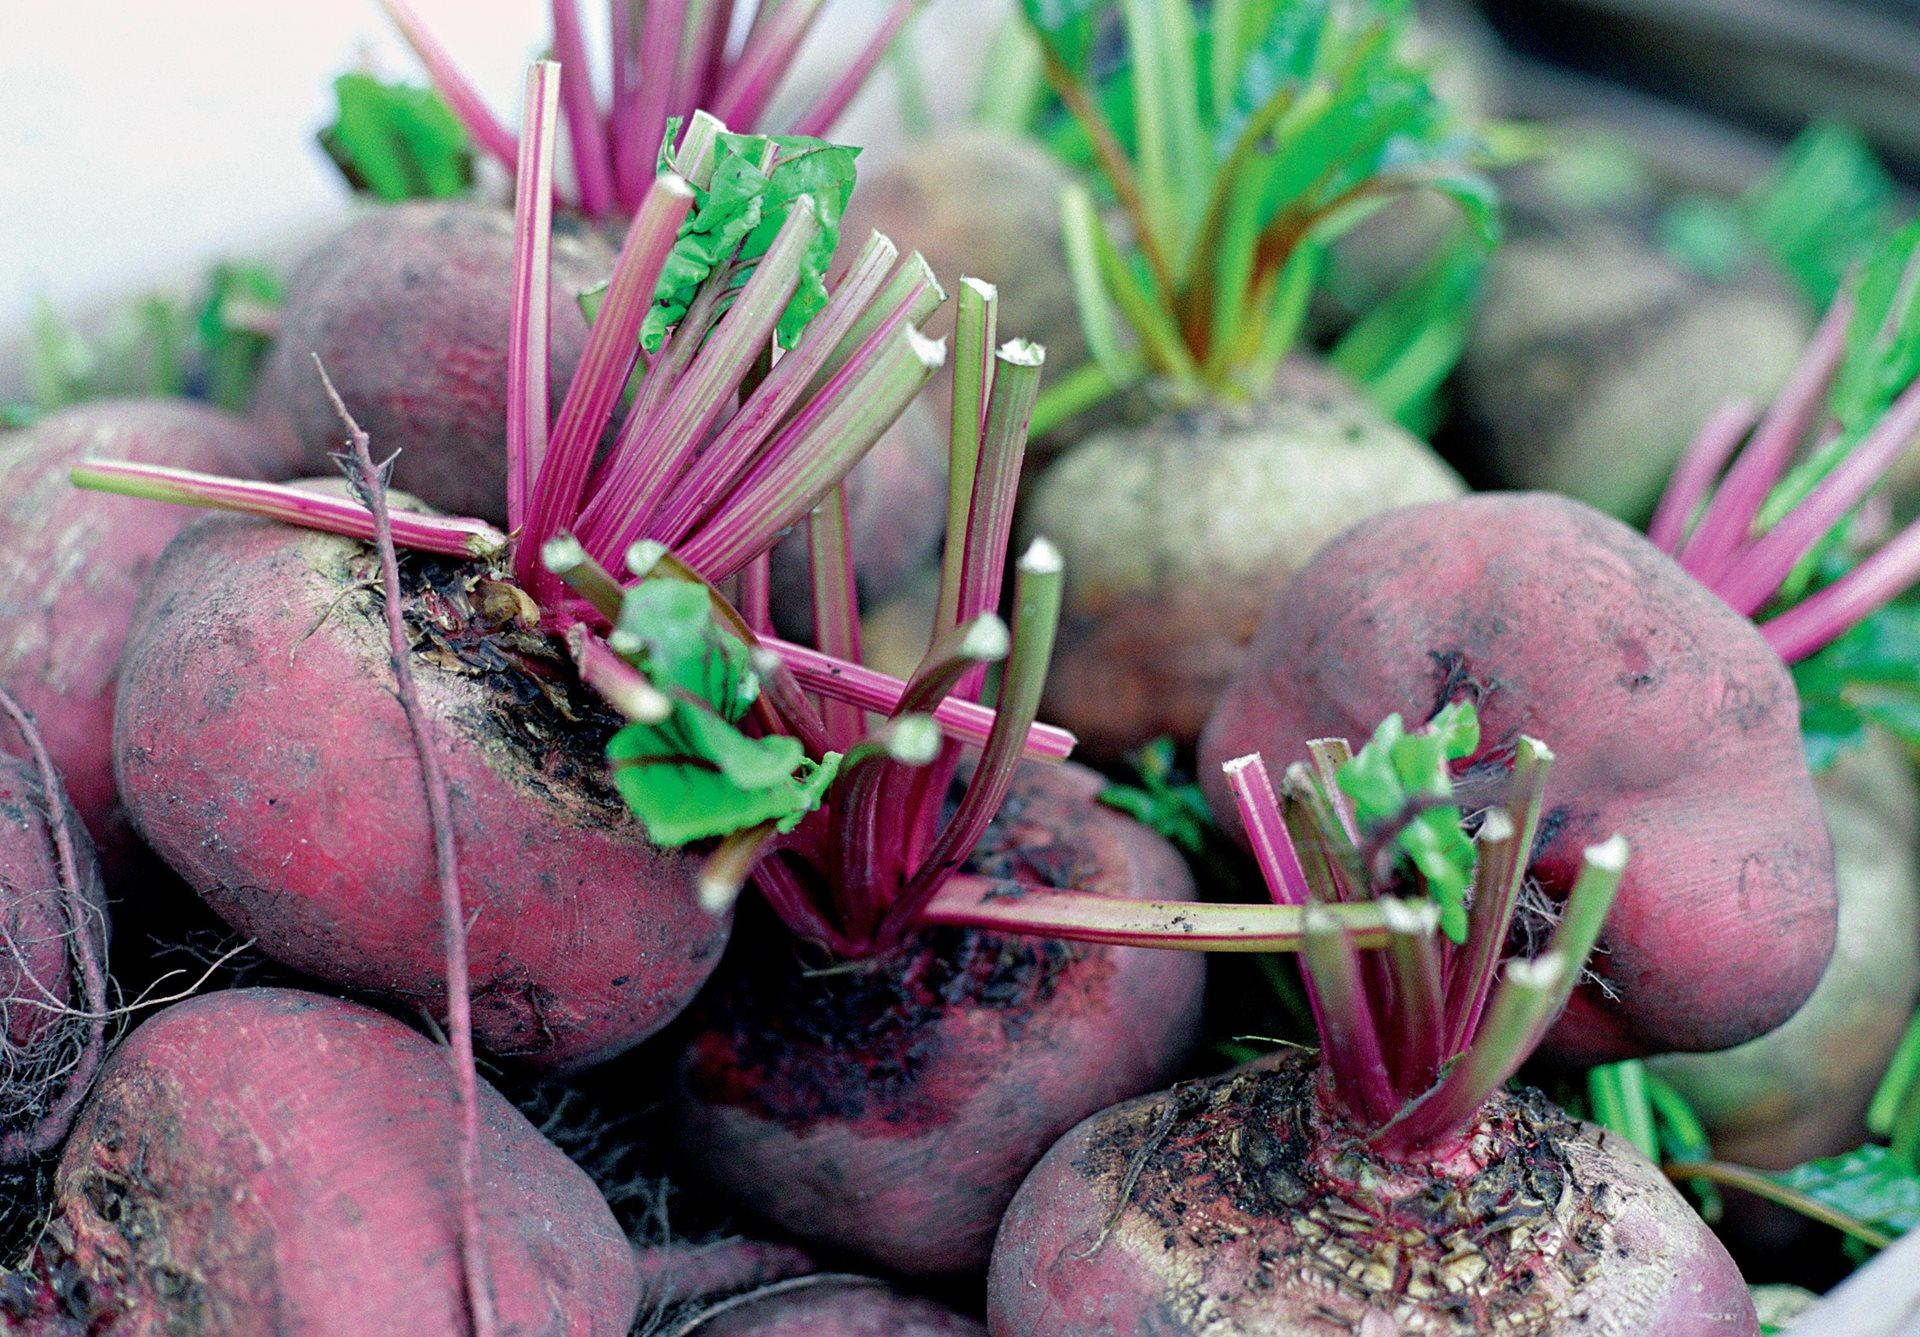 Когда убирать дайкон с грядки осенью, как выкапывать и хранить зимой урожай редьки, а также сроки и время работ в средней полосе, подмосковье и иных районах